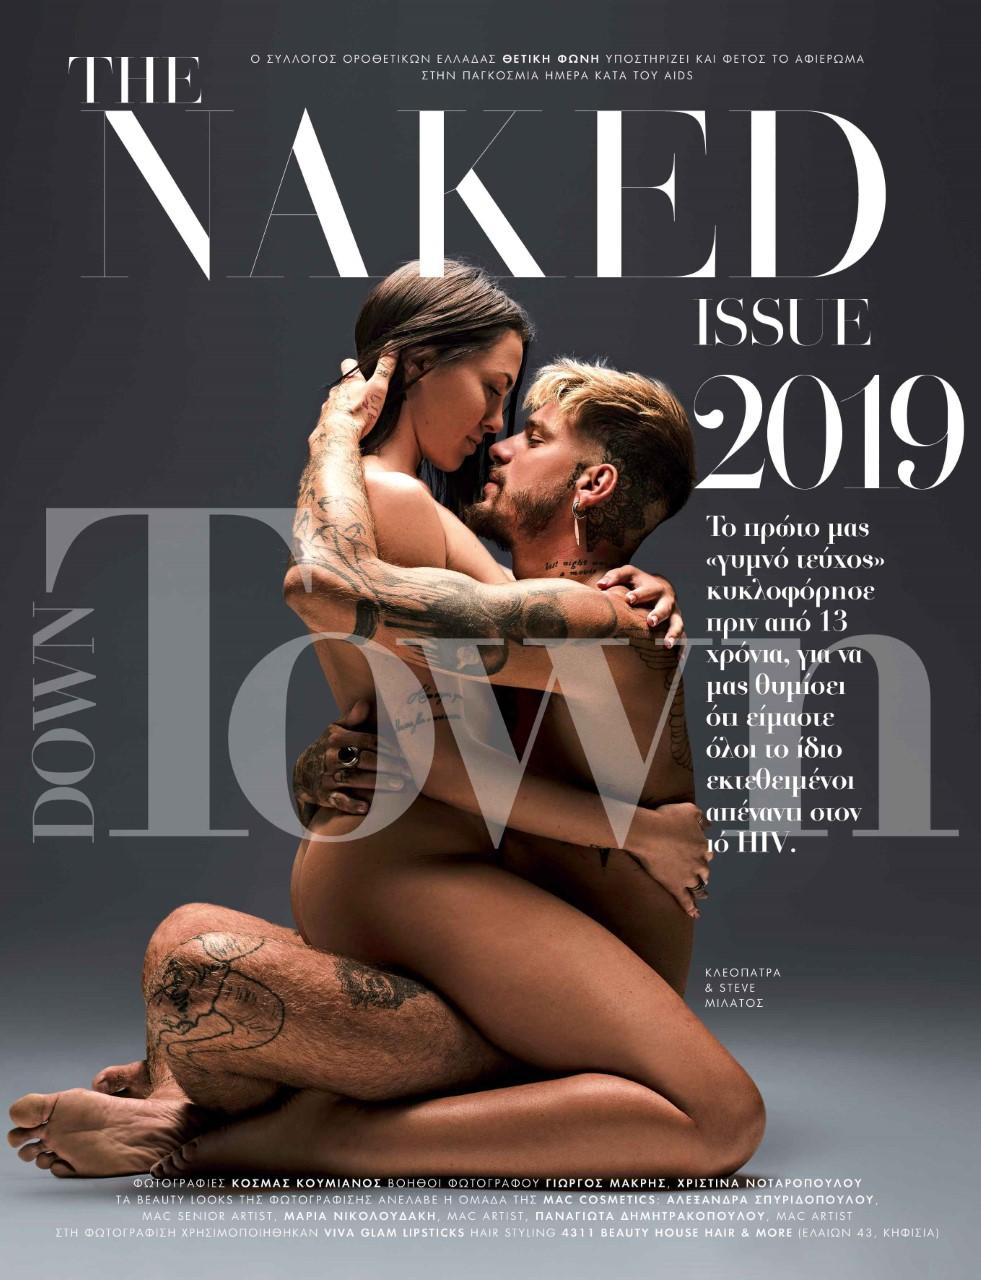 Το «γυμνό τεύχος» του DownTown επέστρεψε - Οι πρώτοι διάσημοι Έλληνες που… βγήκαν από τα ρούχα τους!